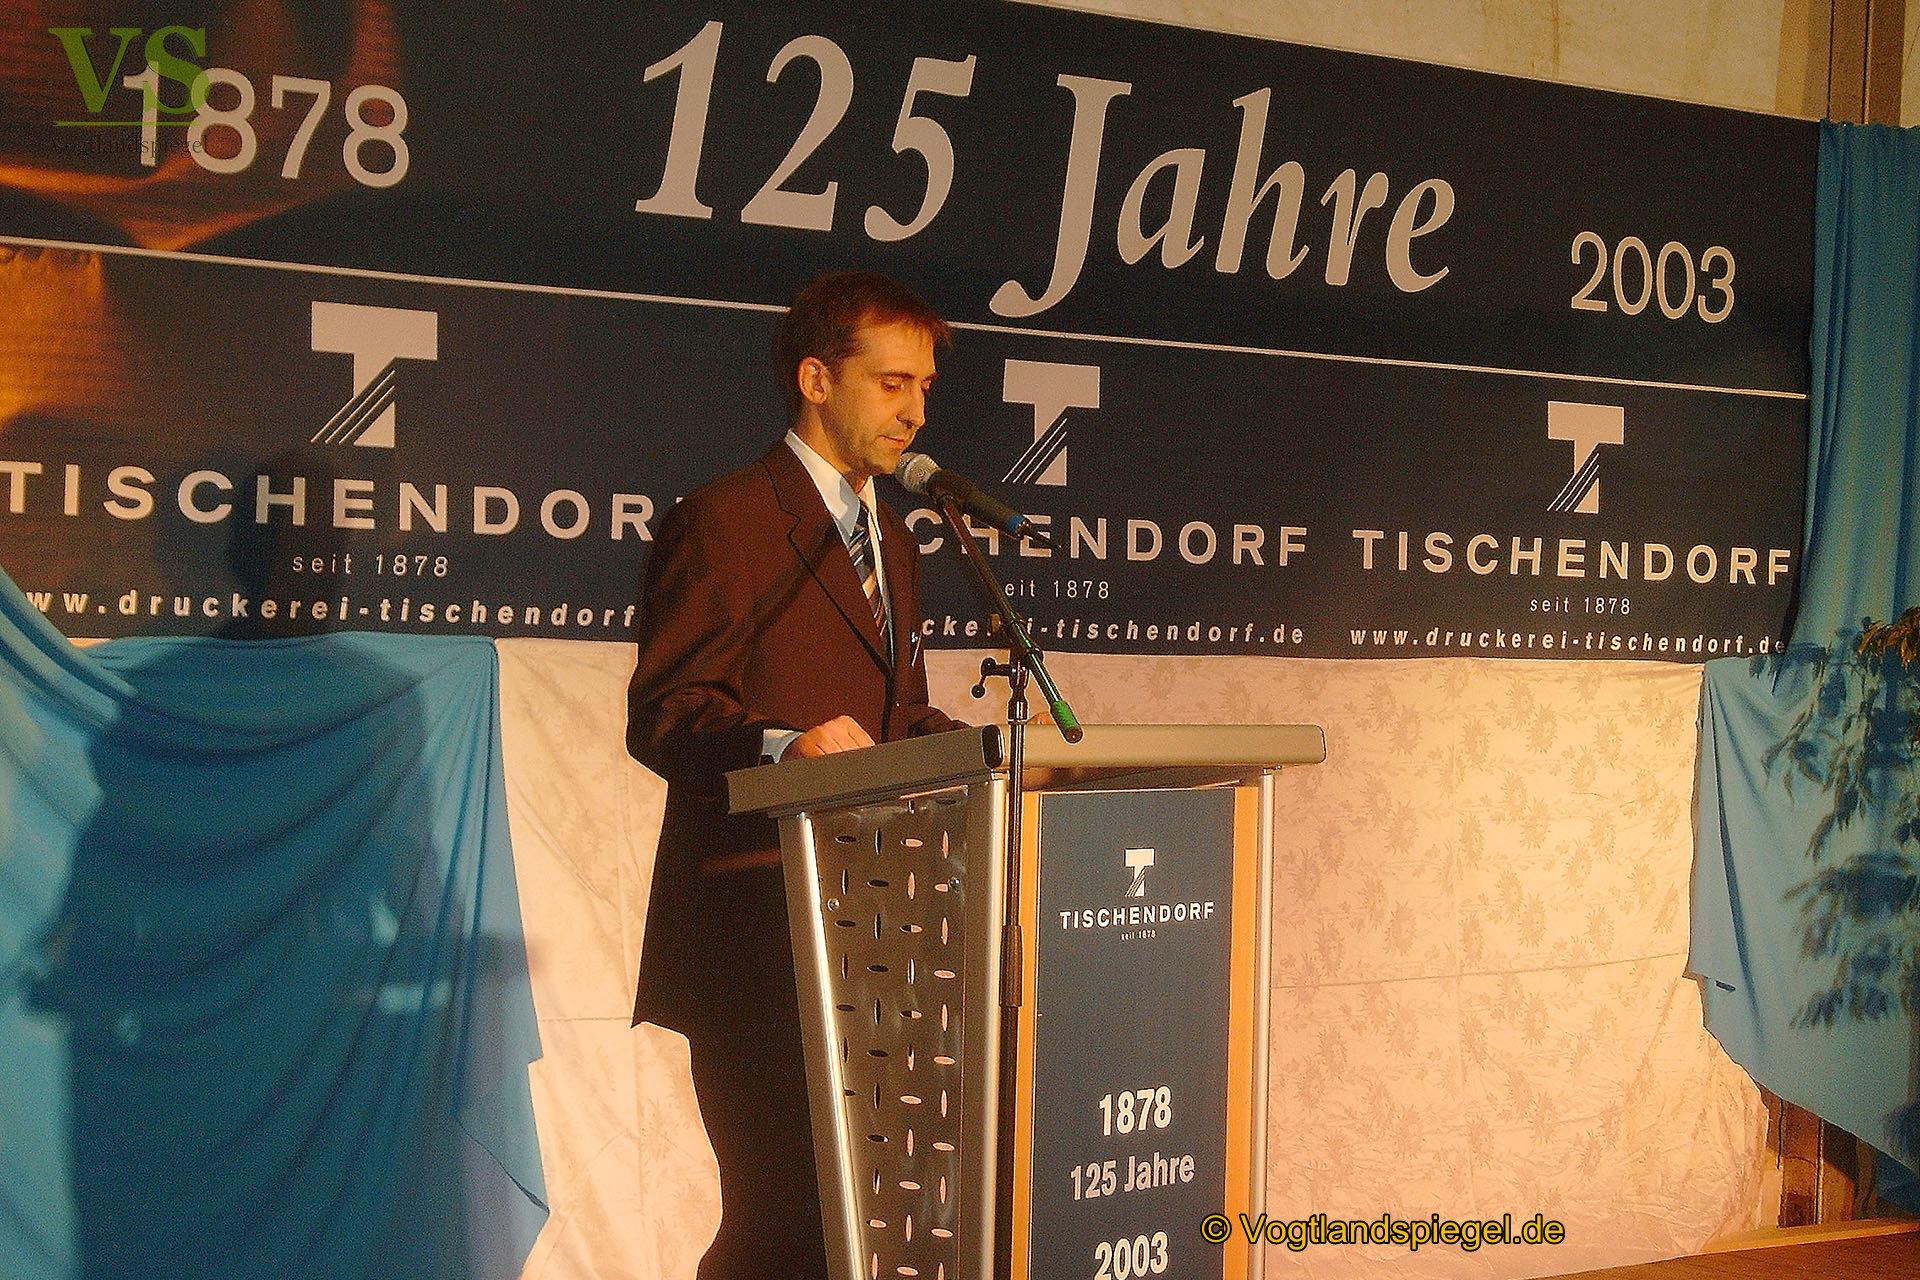 125 Jahre Tischendorf